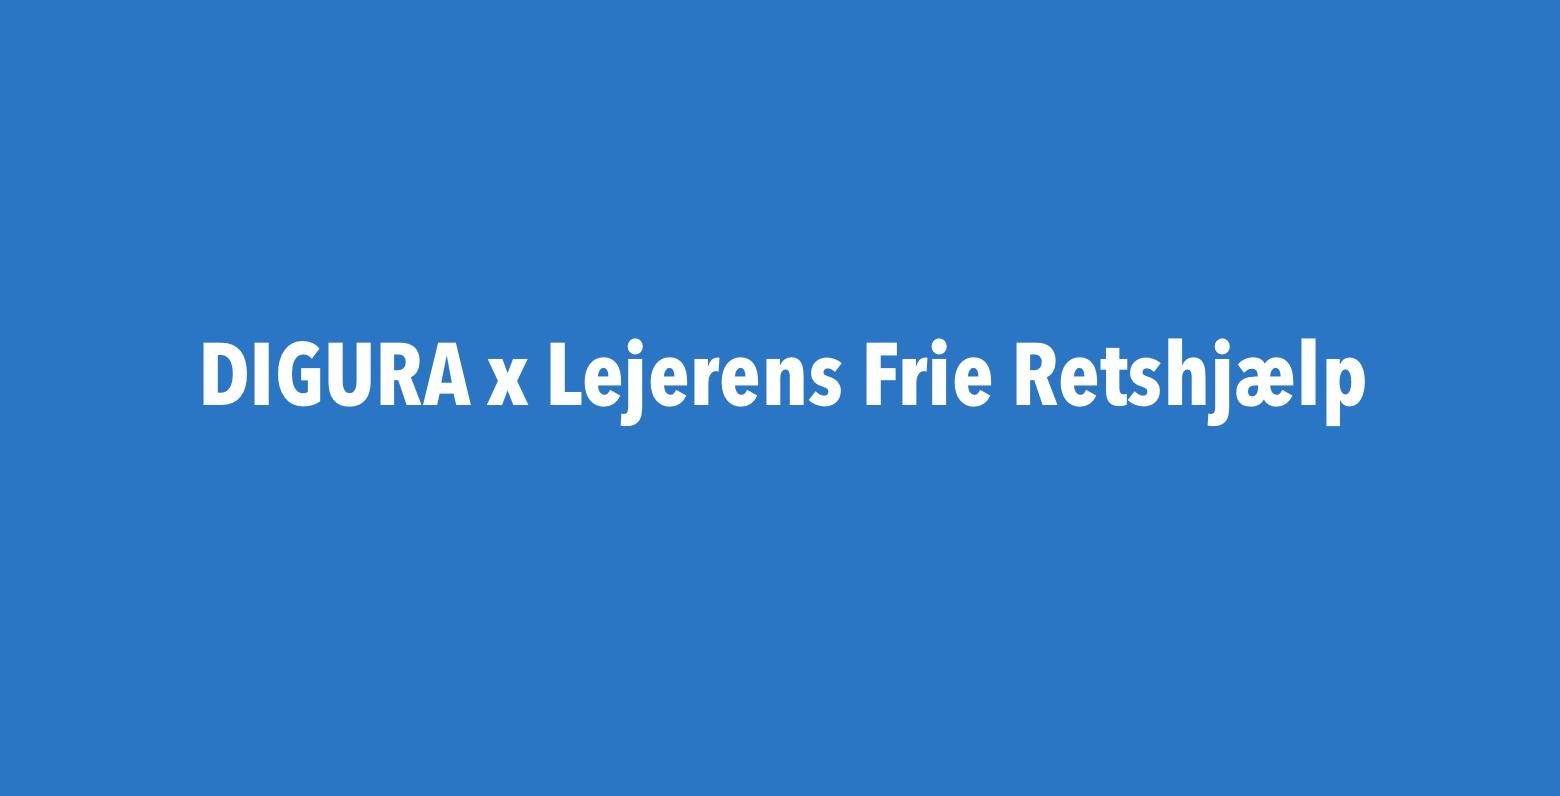 DIGURA x Lejerens Frie Retshjælp – Samarbejde